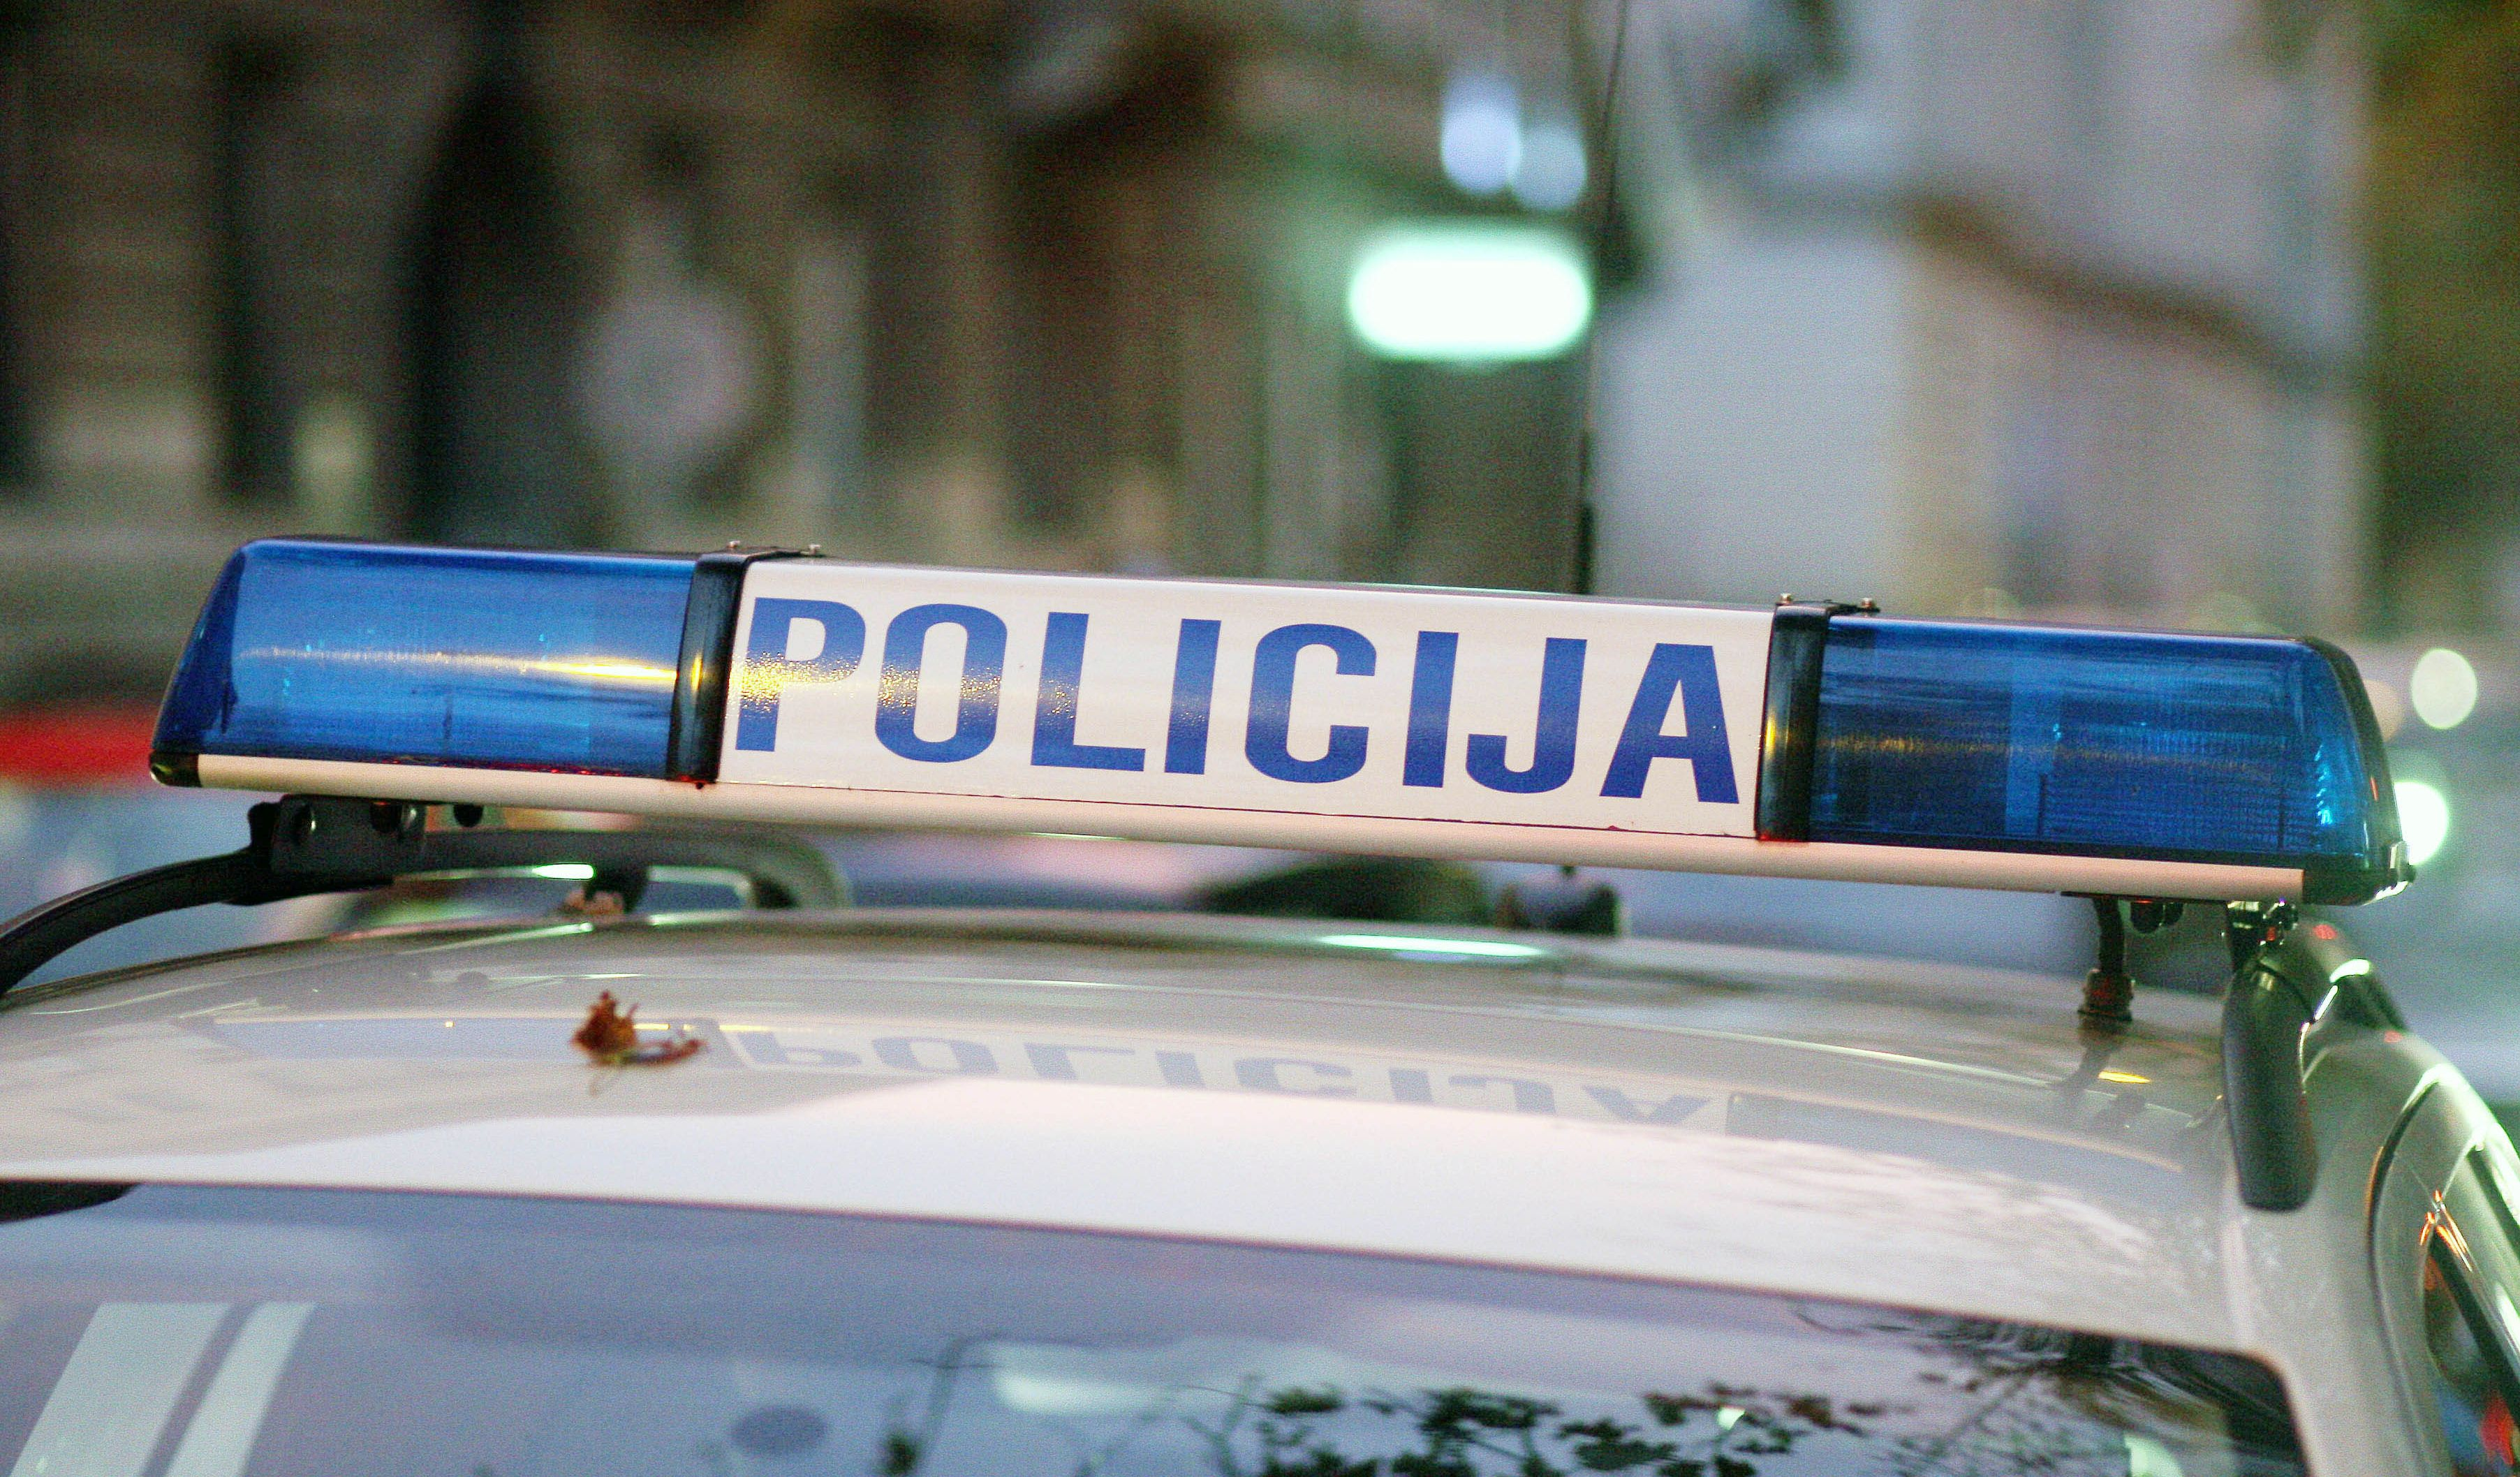 PRIJELOMNA VIJEST: SLATINA Muškarac na mopedu pucao u vozača automobila